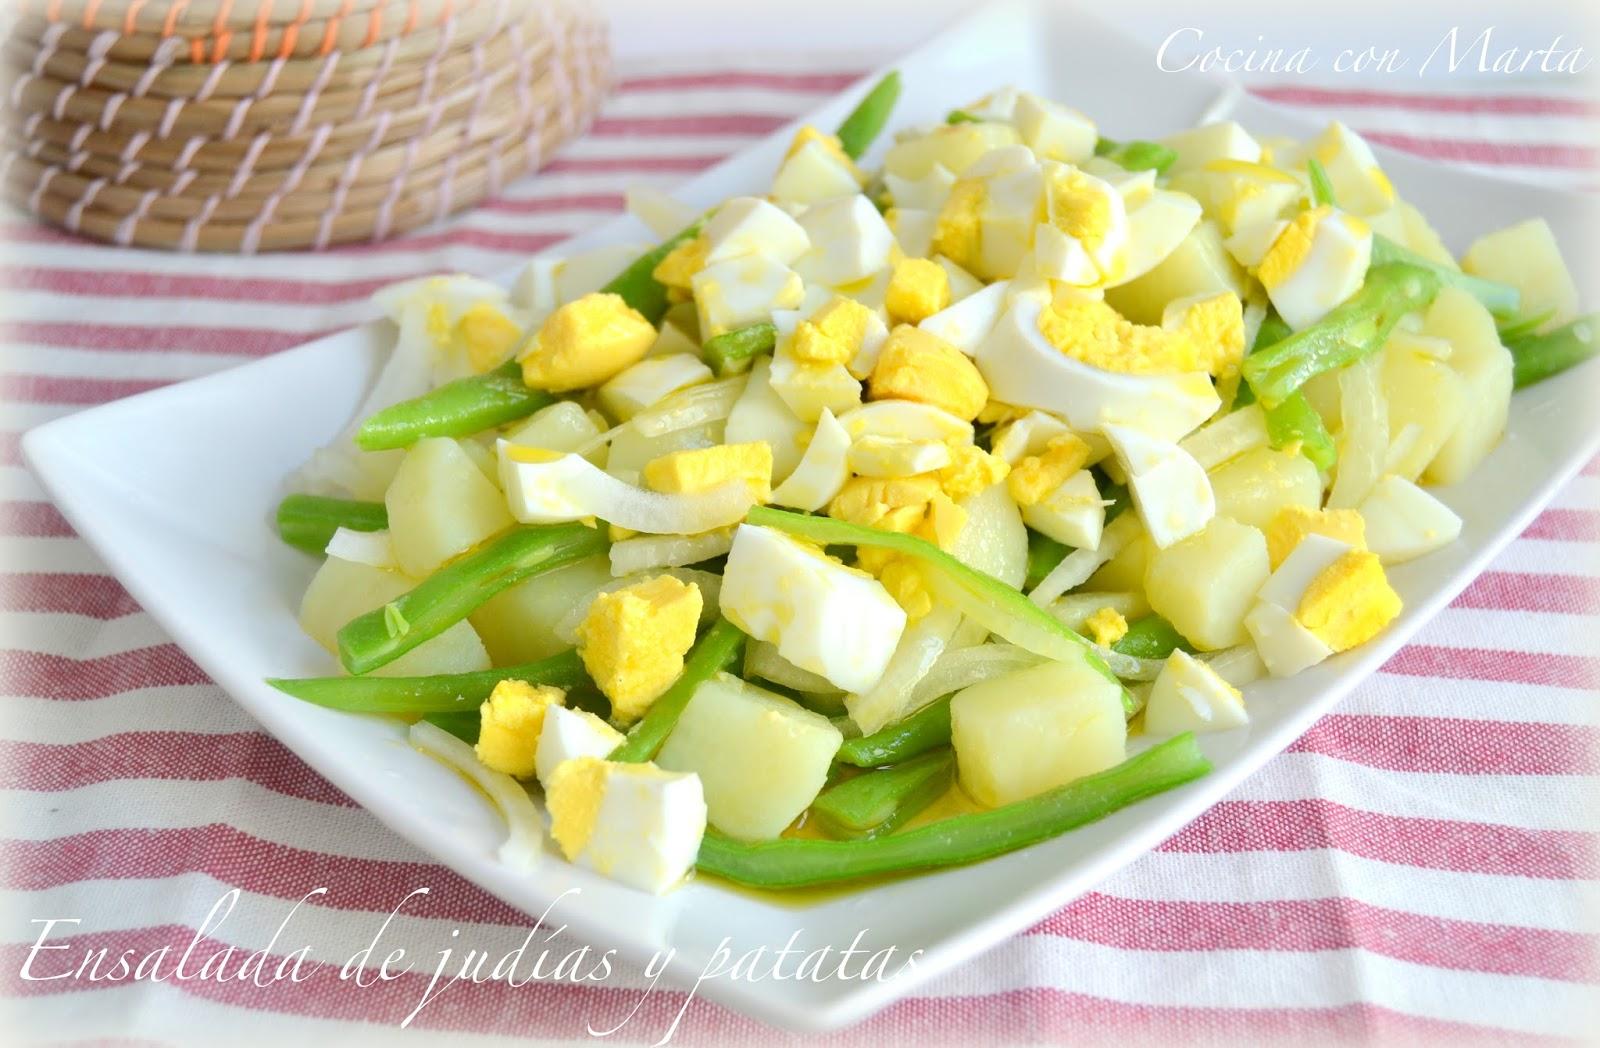 Ensalada de judías, patata y huevo hervido. Fácil, ligera y rápida.